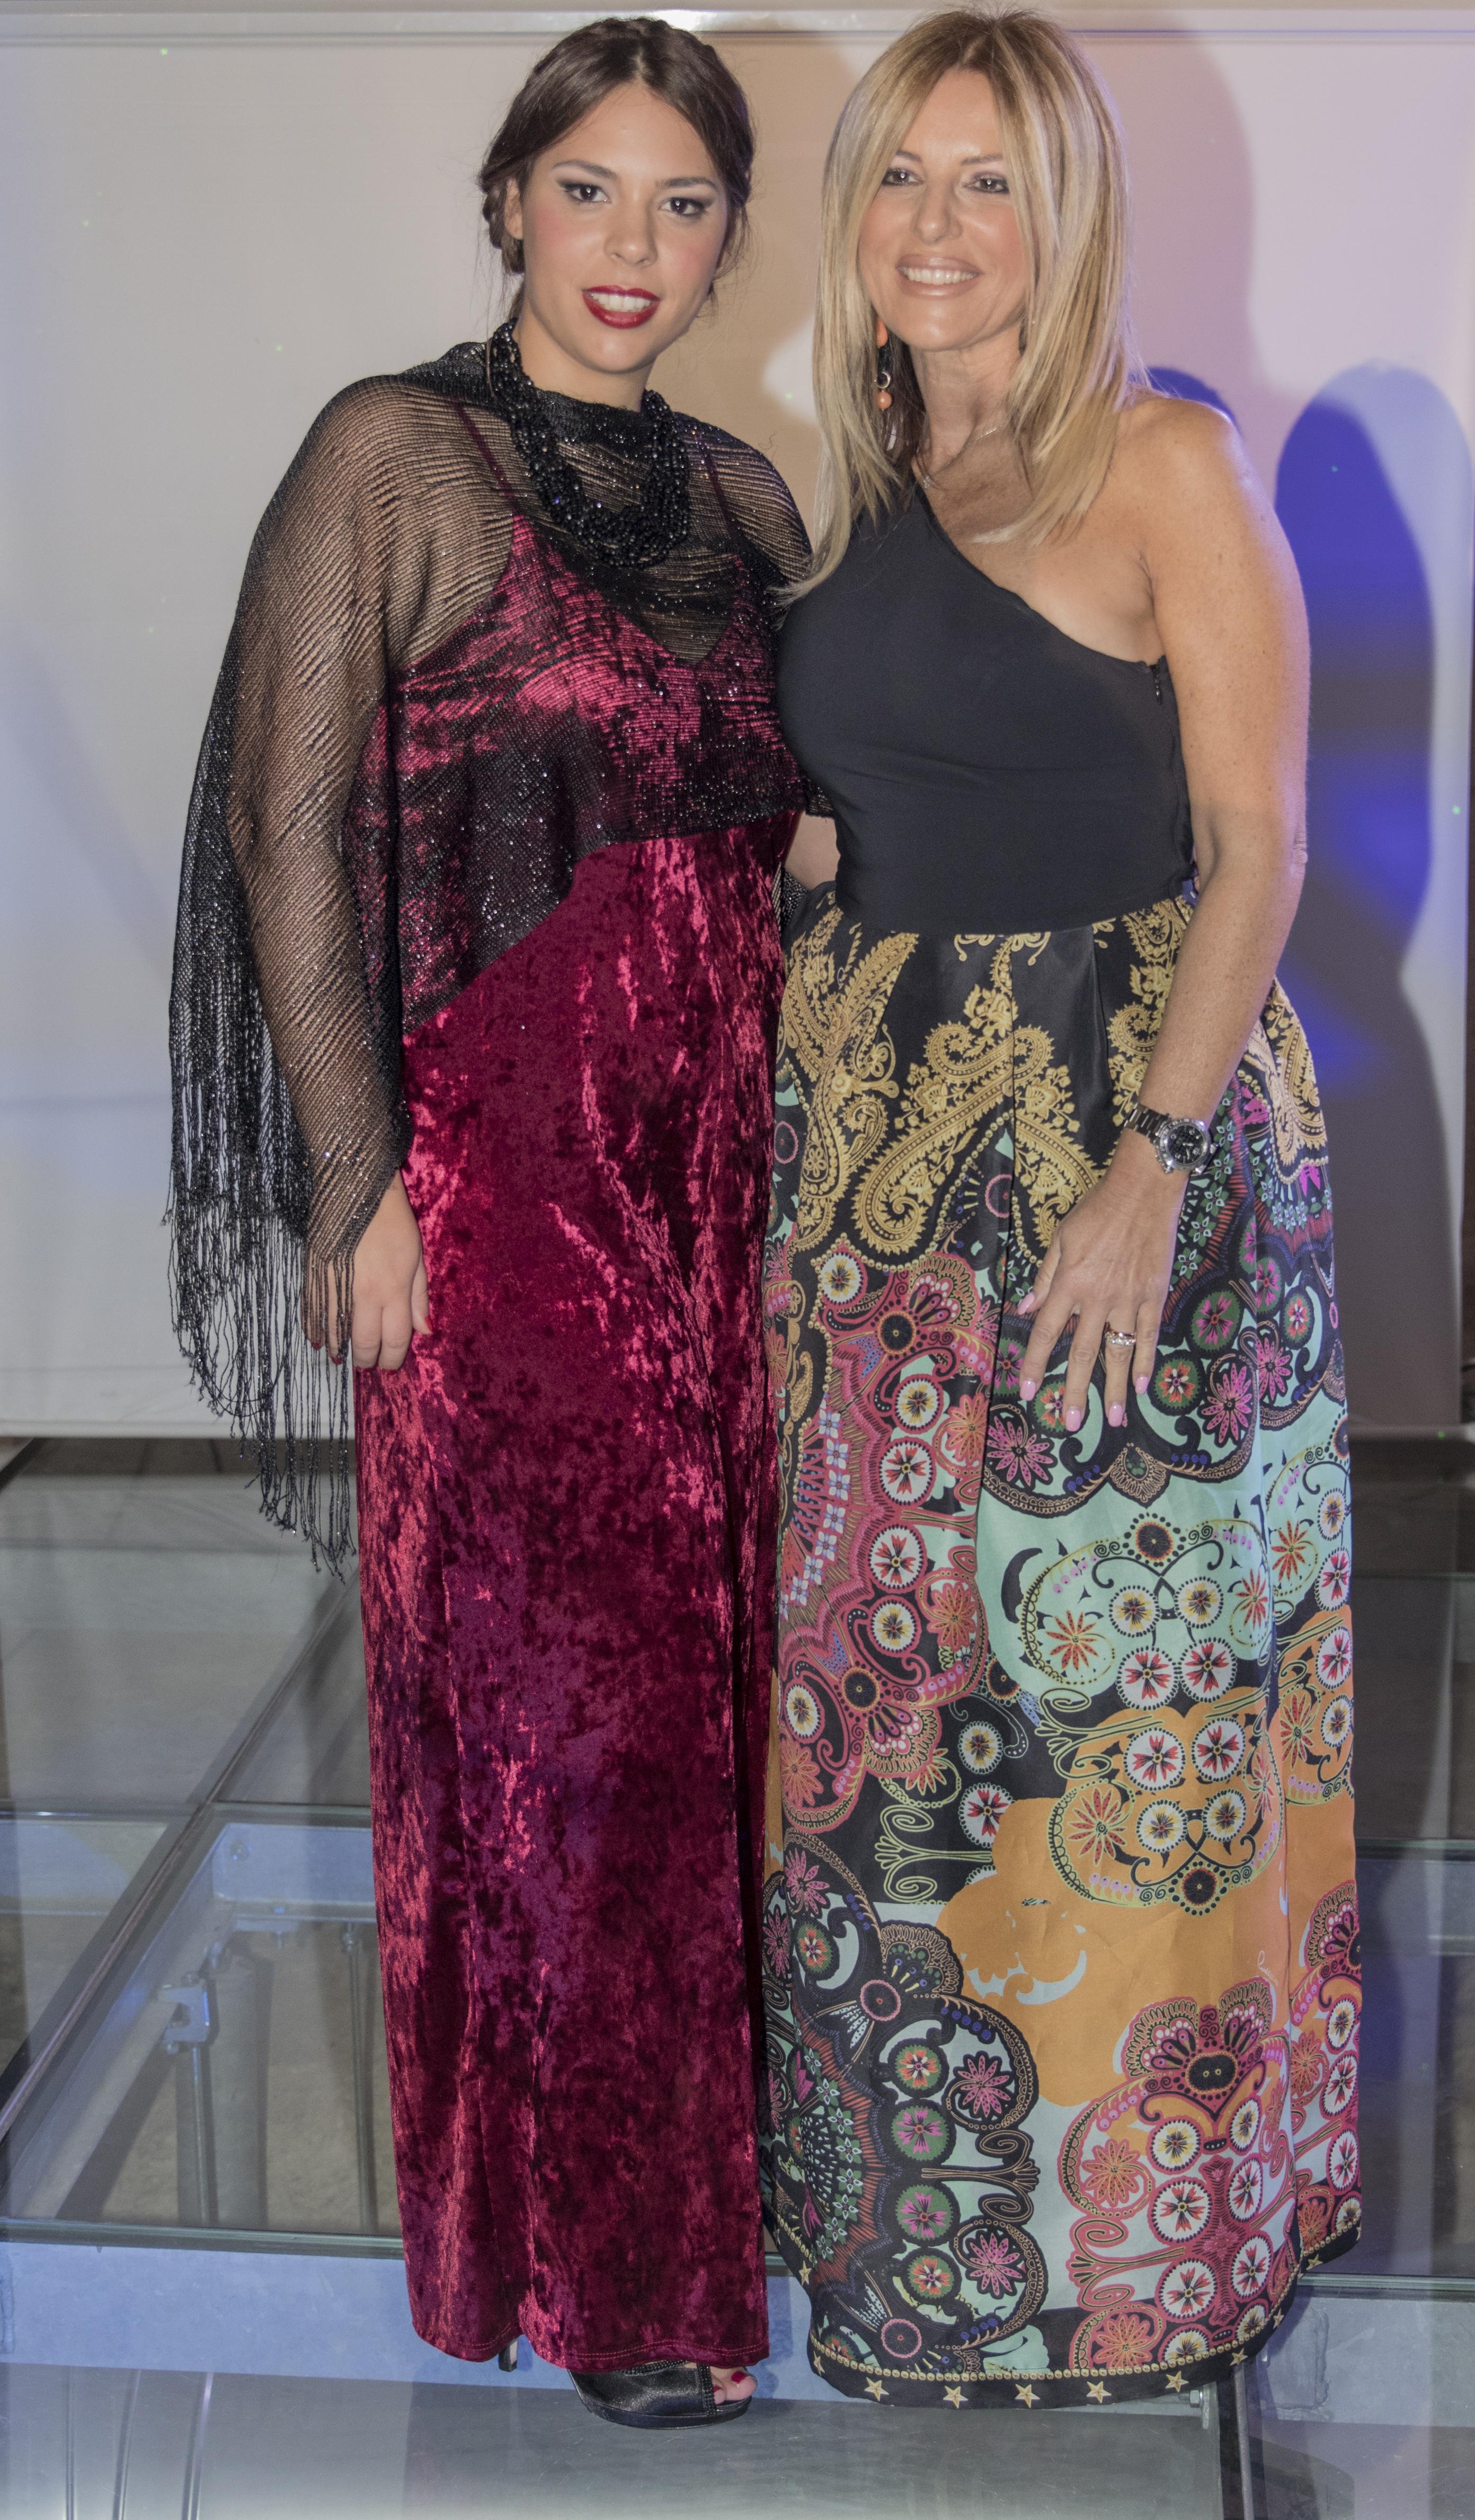 Con Daniela Mazzacane Giornalista televisiva, ma anche conduttrice, attrice-